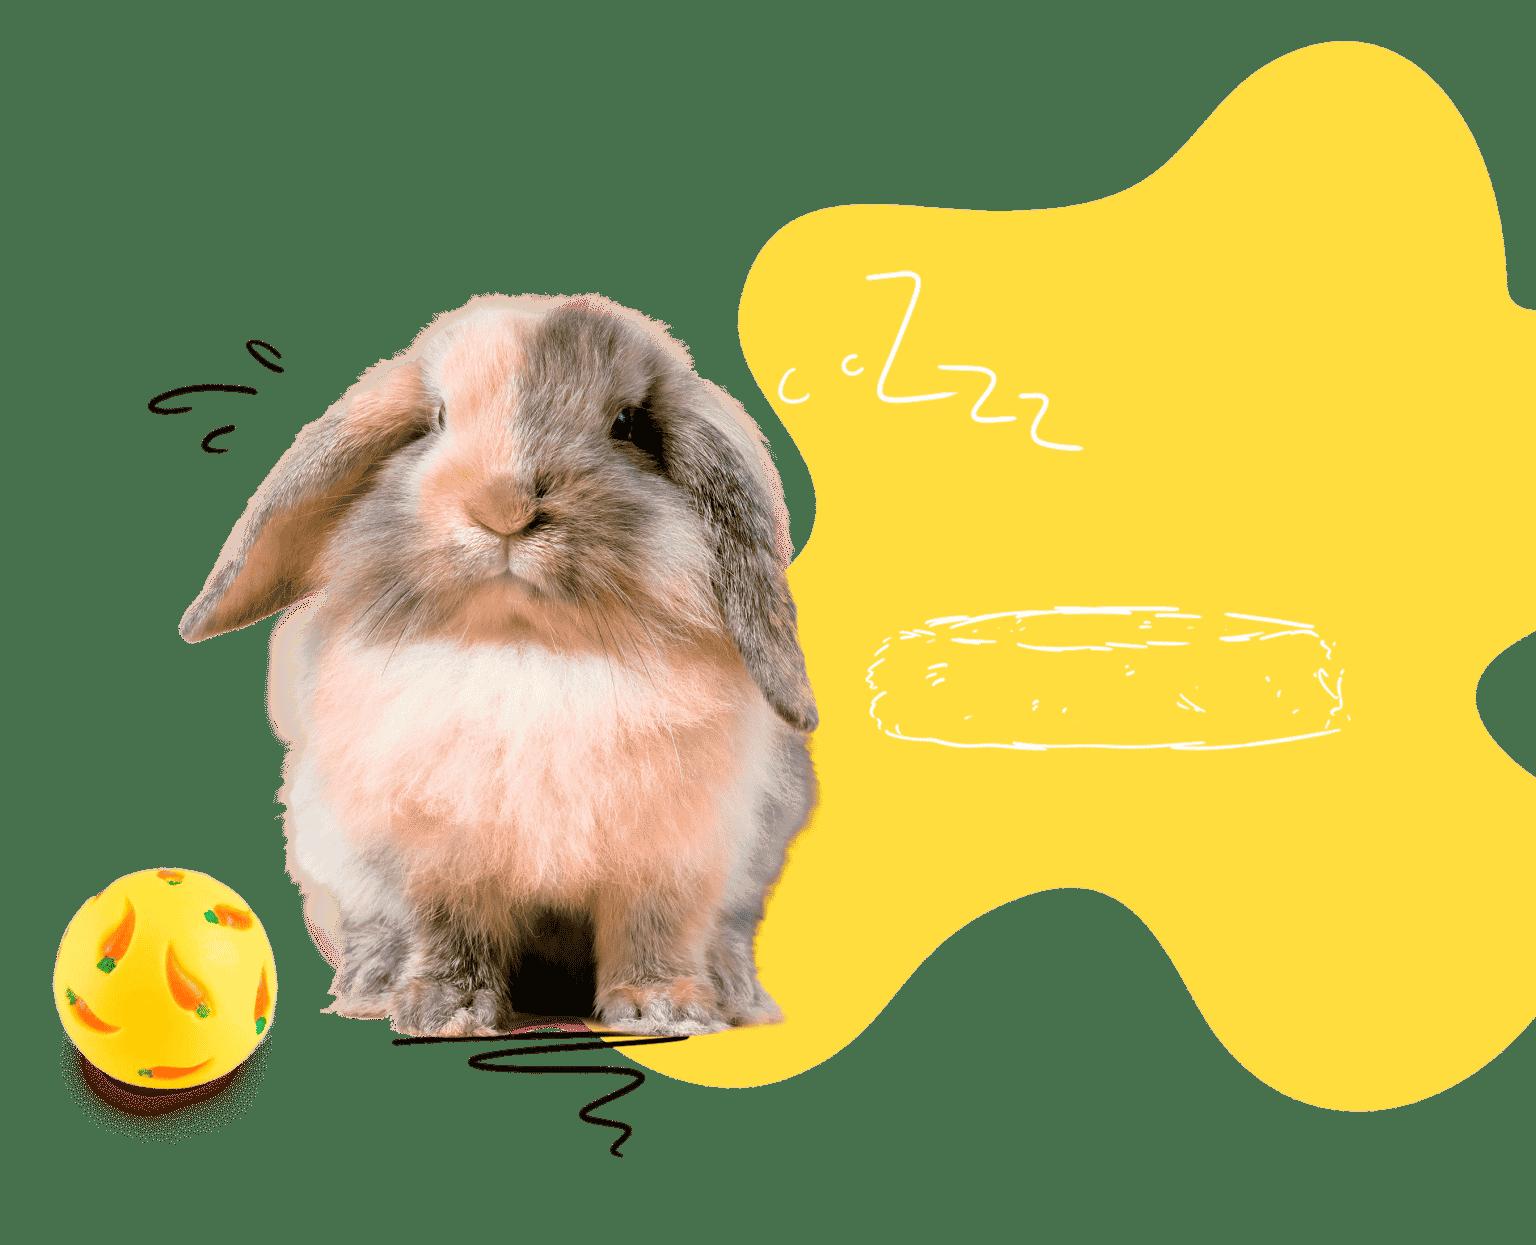 Mon lapin nain boutique pour lapin nain